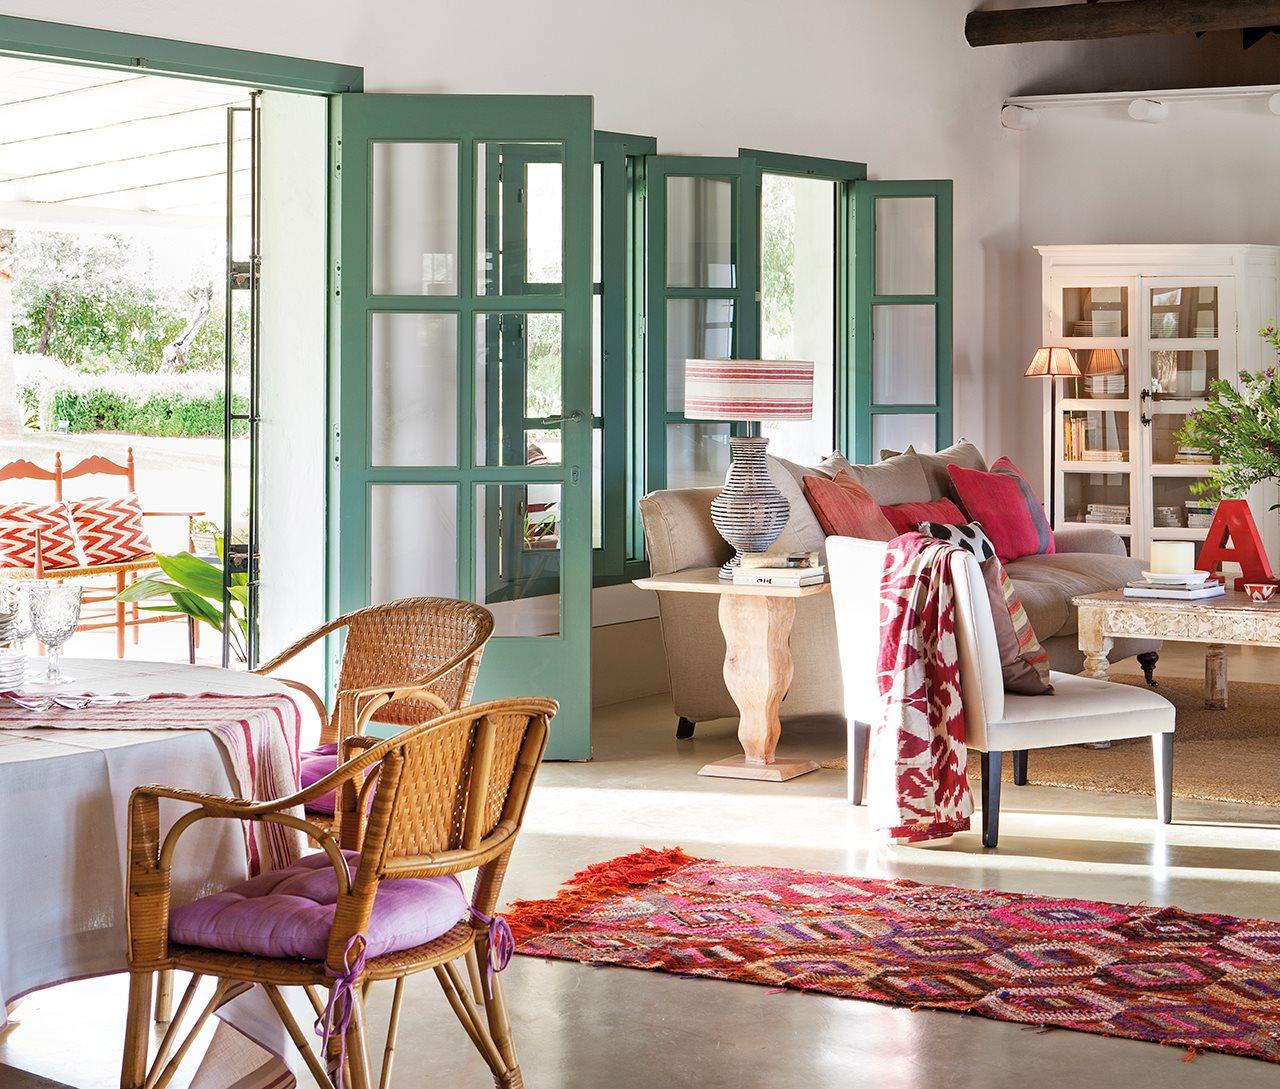 3 6 - Toque de encanto y color en Carmona (Sevilla): una casa entre olivos para alargar el verano